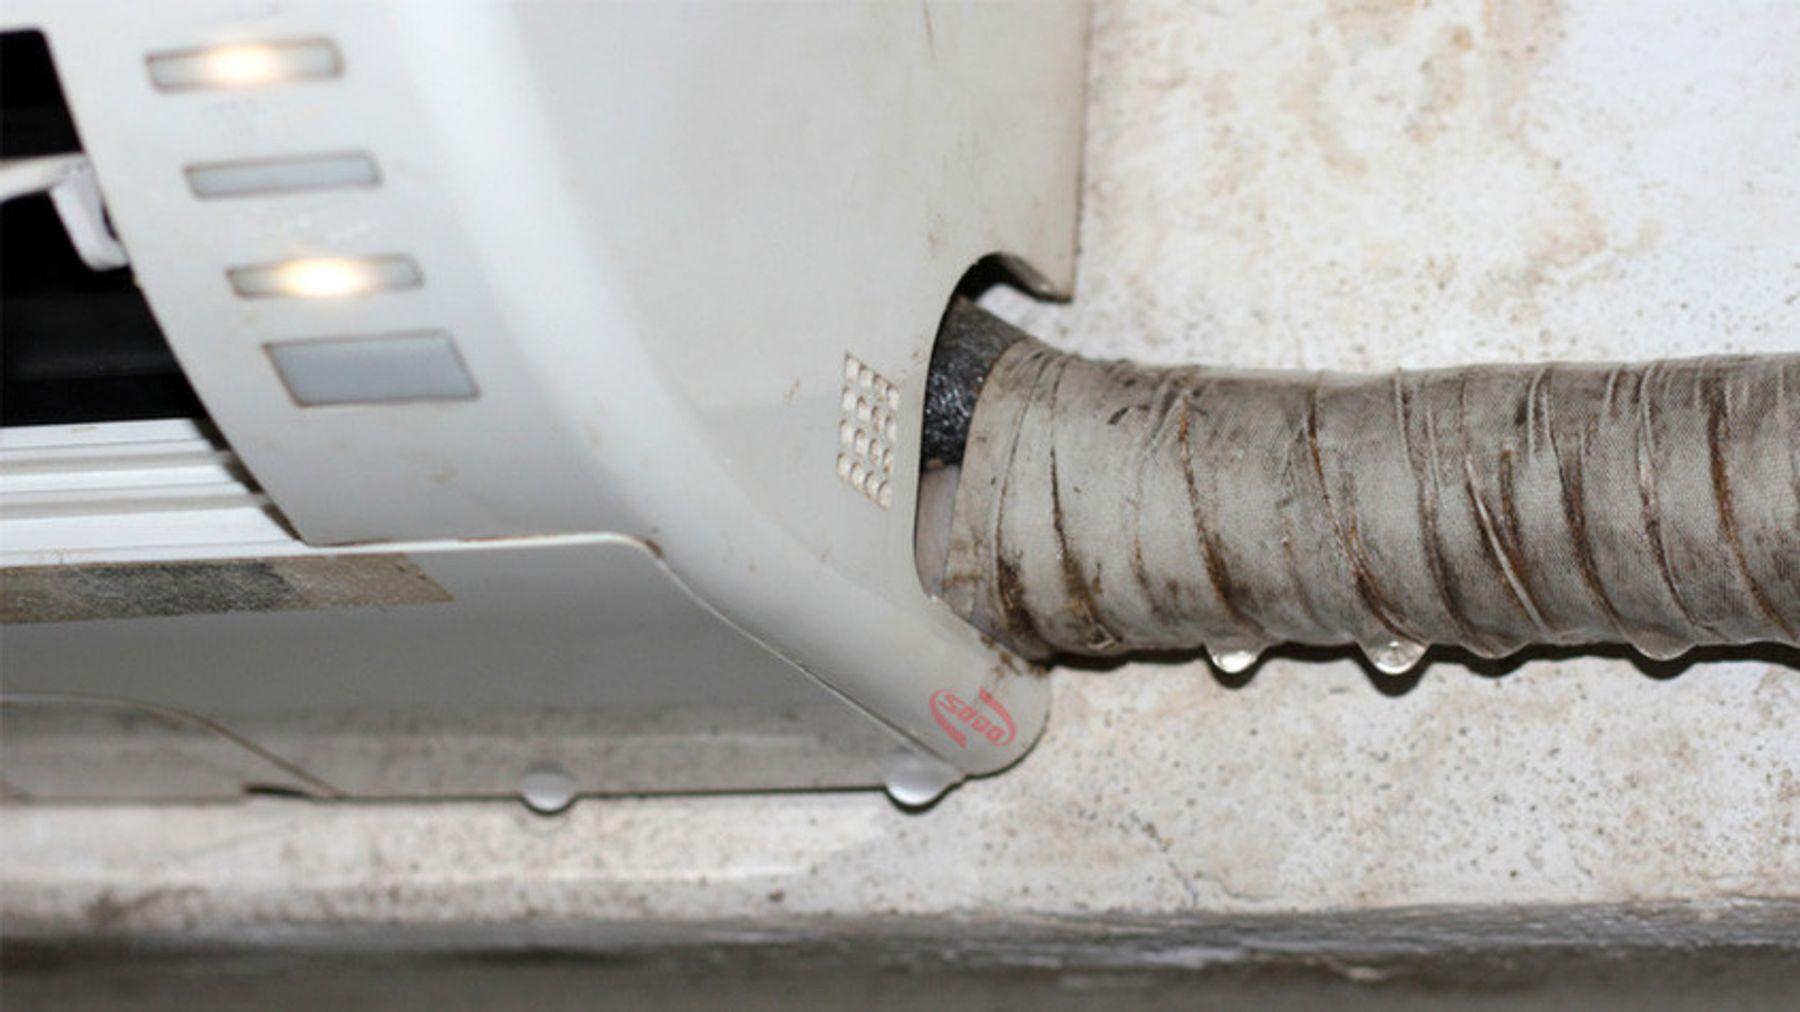 Khắc phục tình trạng máy lạnh bị chảy nước